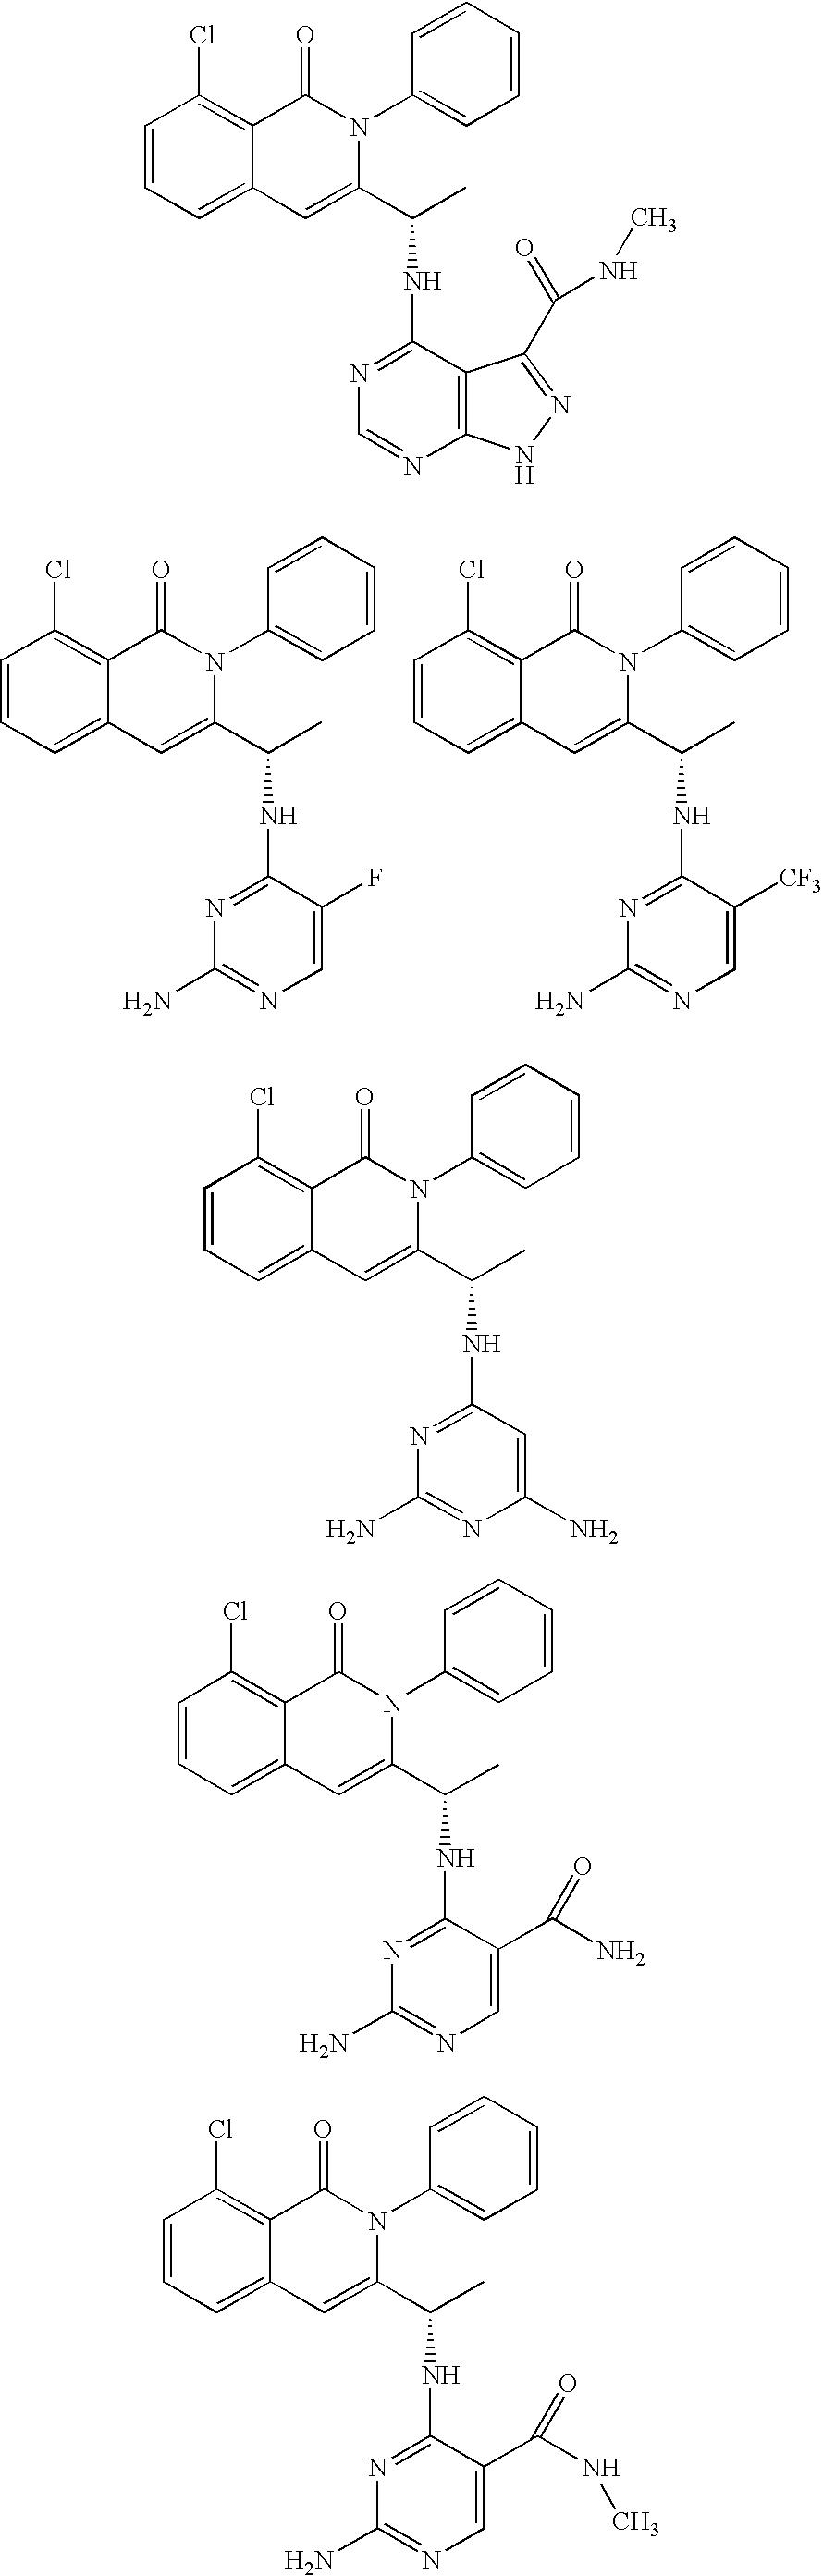 Figure US20090312319A1-20091217-C00280